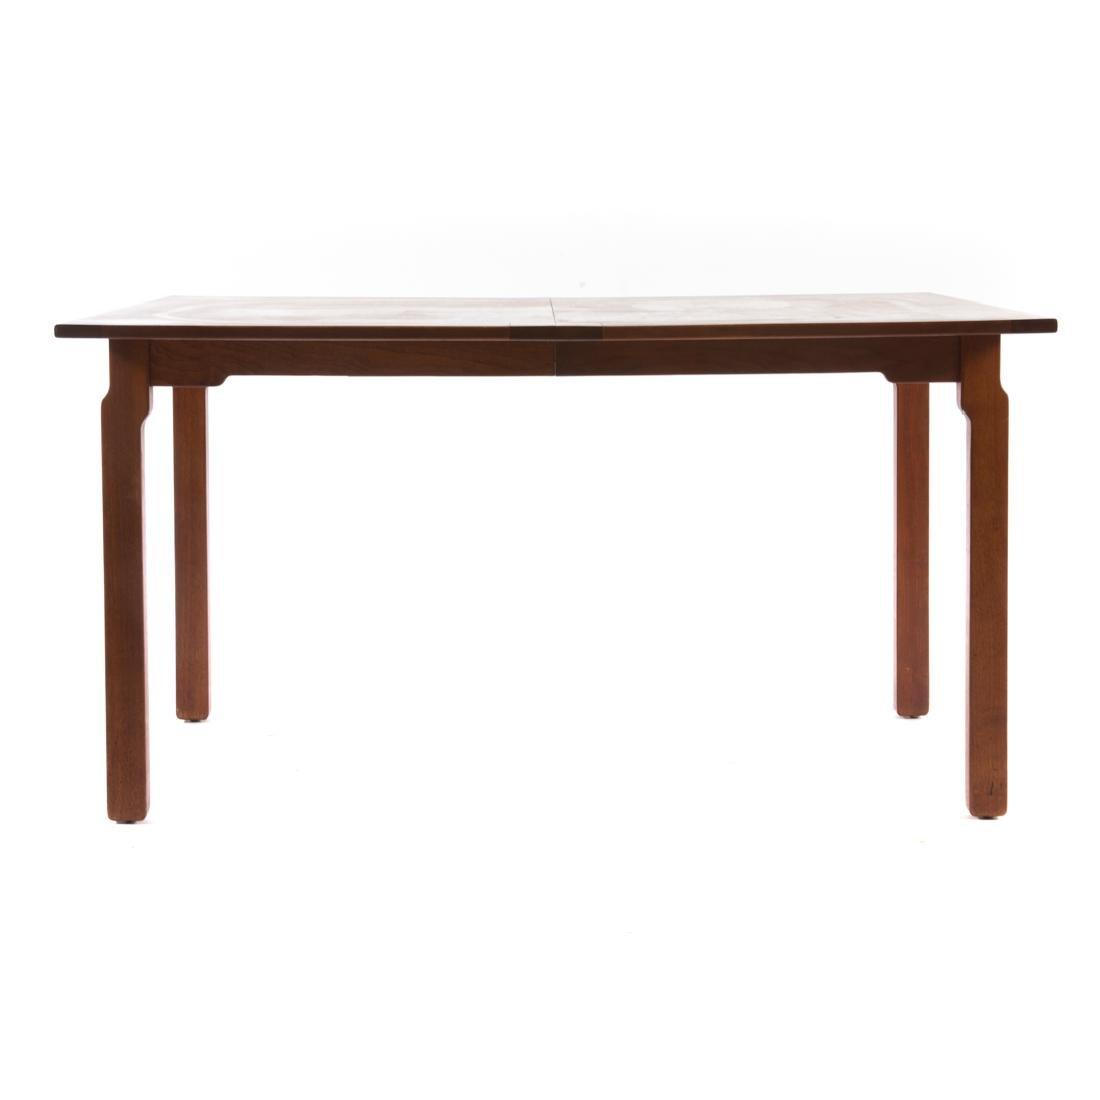 Dunbar contemporary walnut dining table